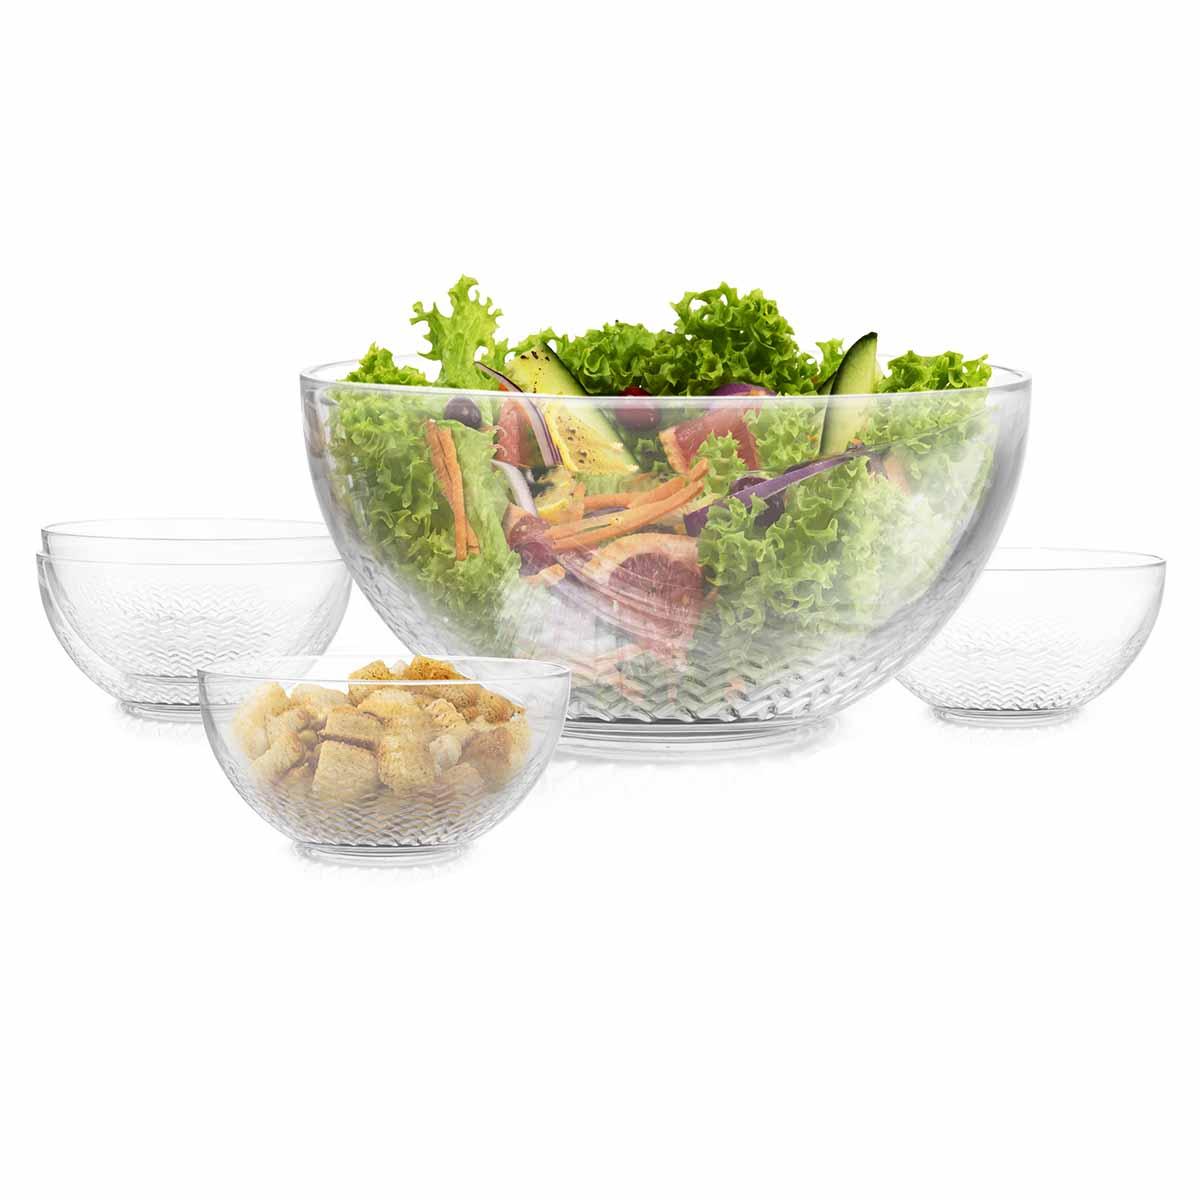 Juego Platon Tazon Ensaladera Bowl Merida 5Pzs Cocina Libbey